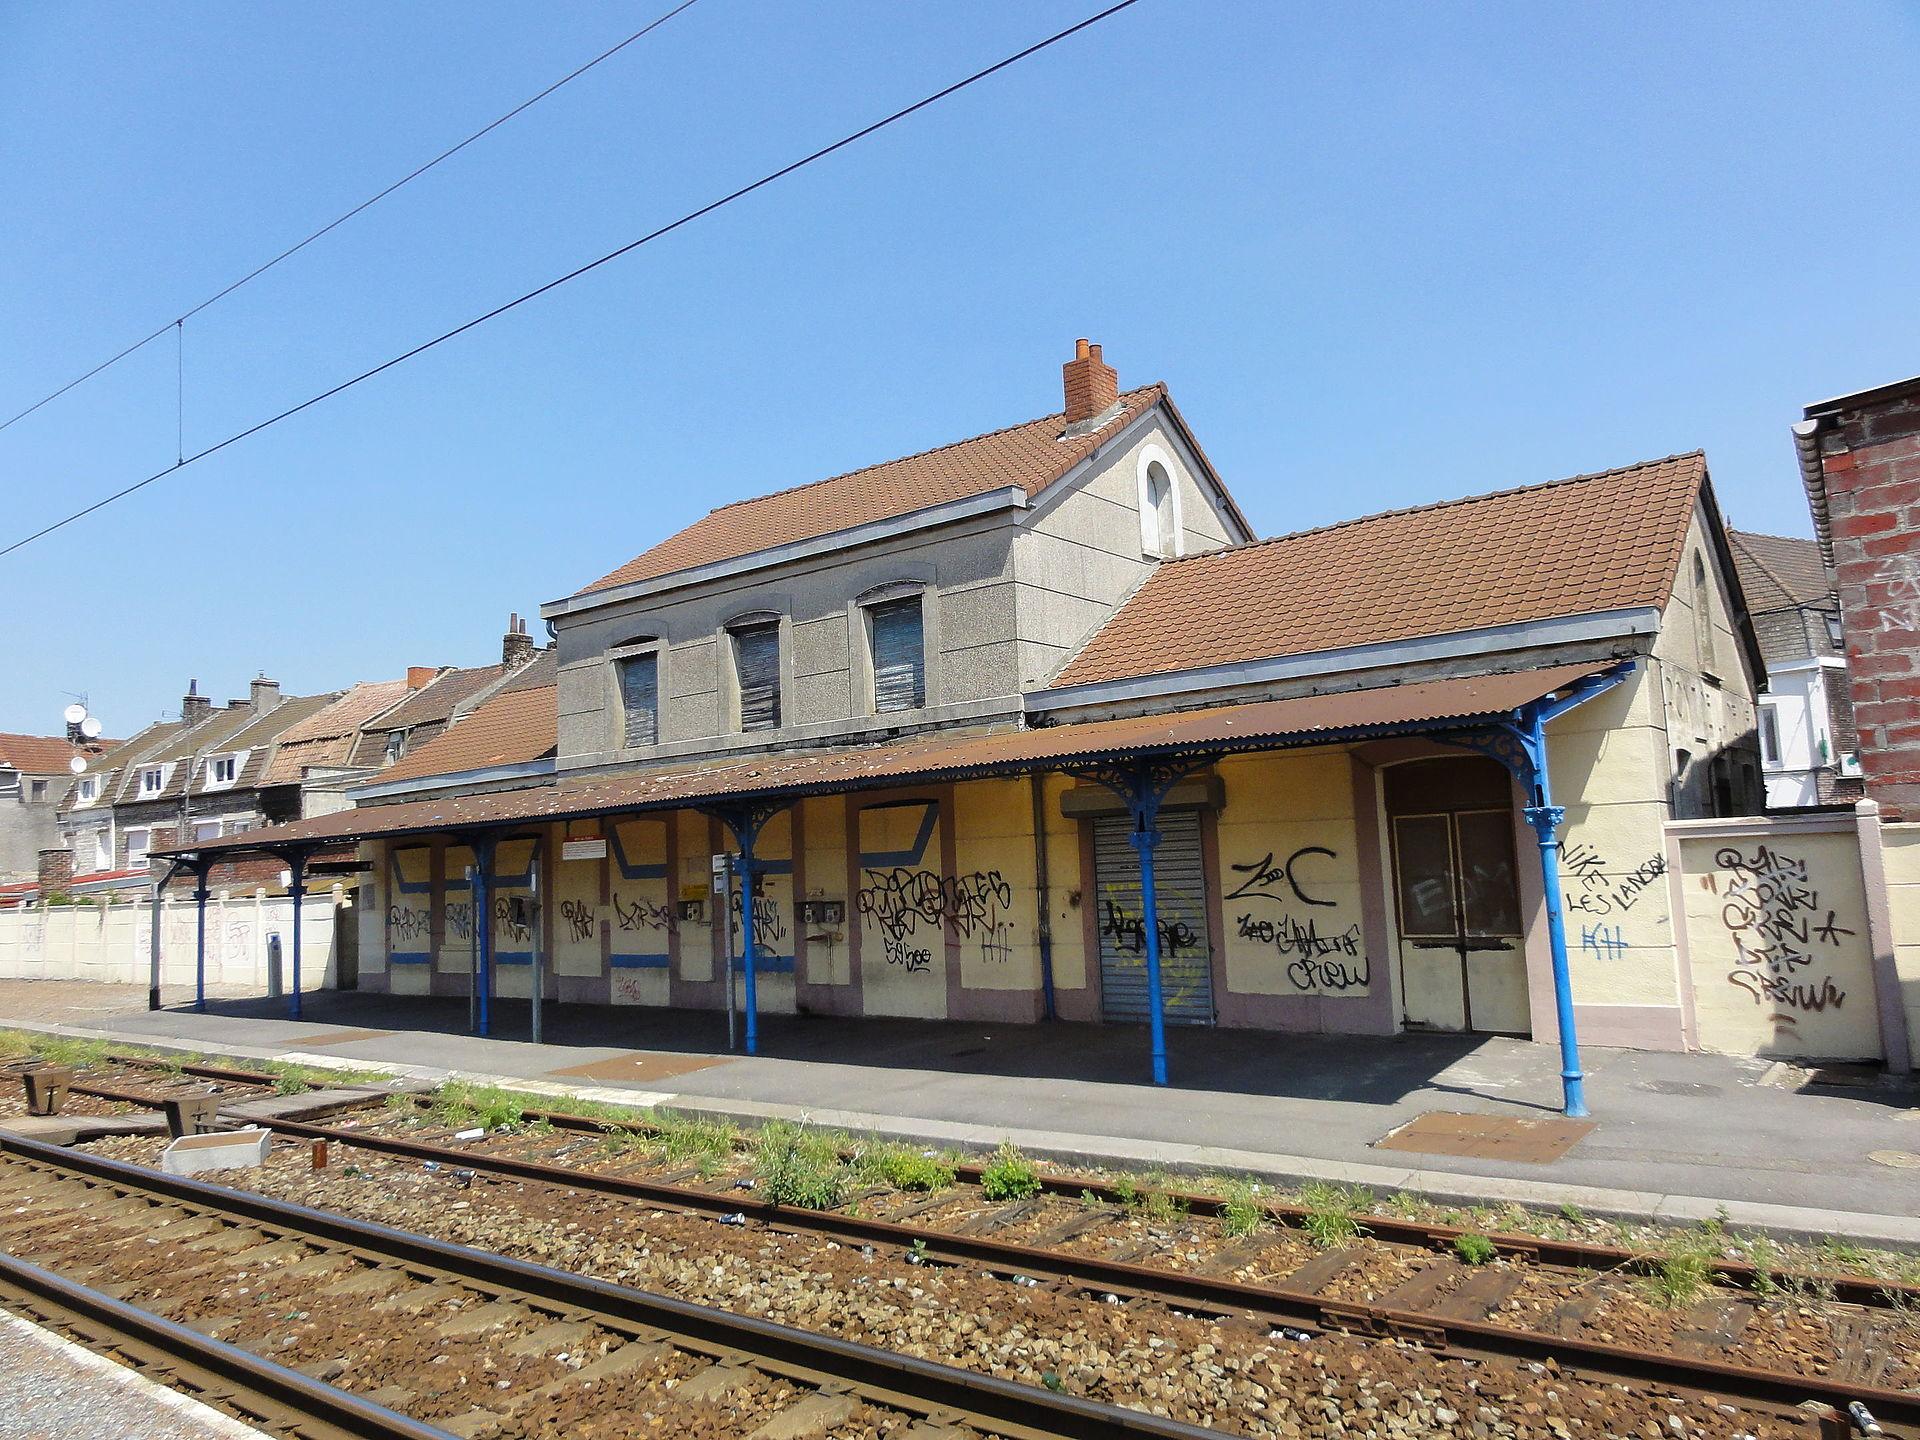 Gare de pont de la de le wikip dia for Garage de la gare bretigny